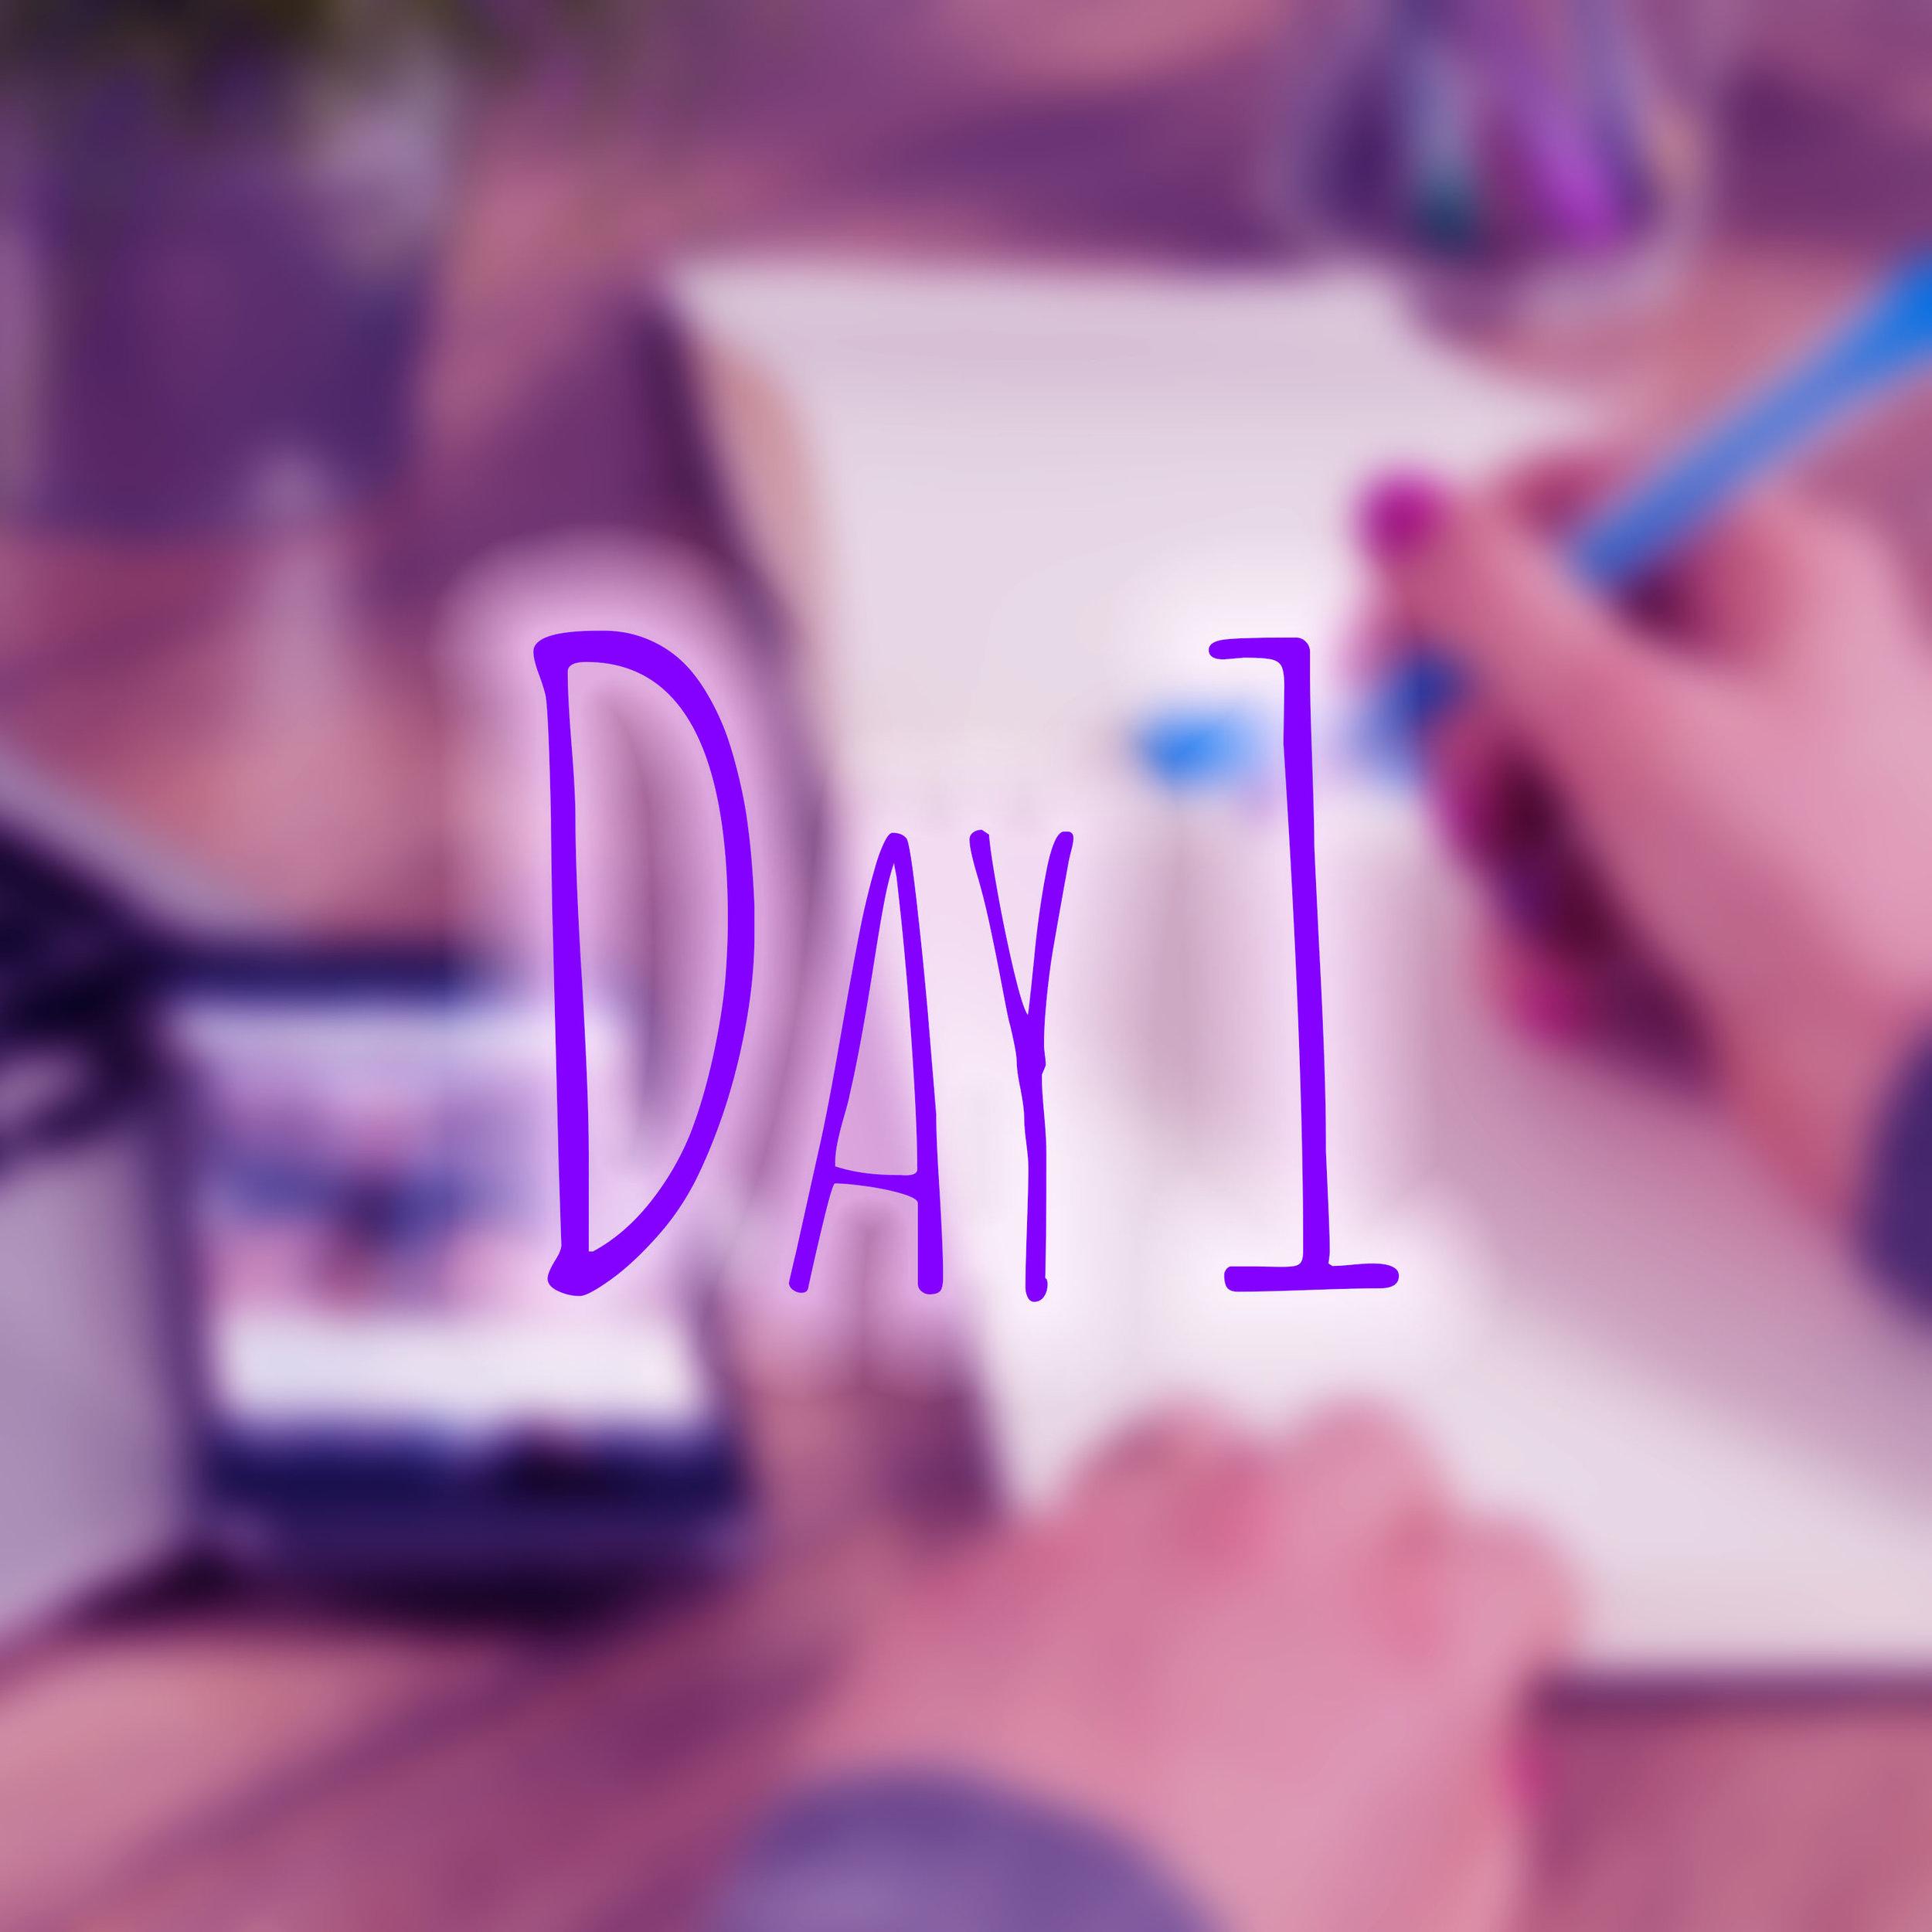 Day1-b.jpg